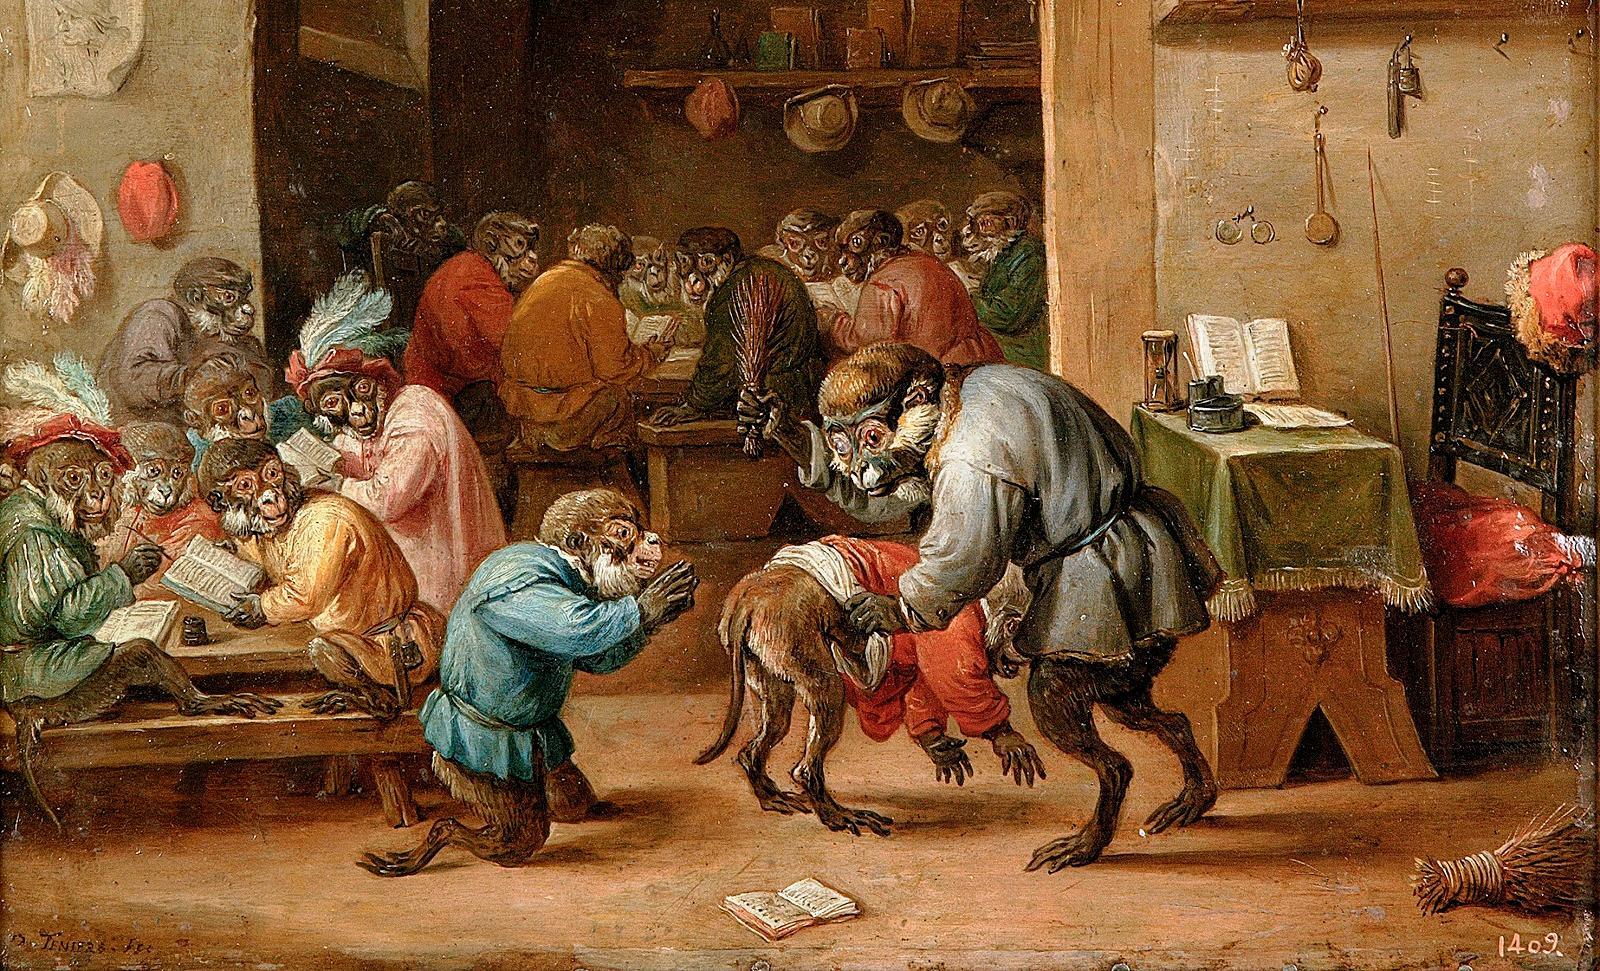 Давид Тенирс Младший. Обезьянья школа, ок. 1660.